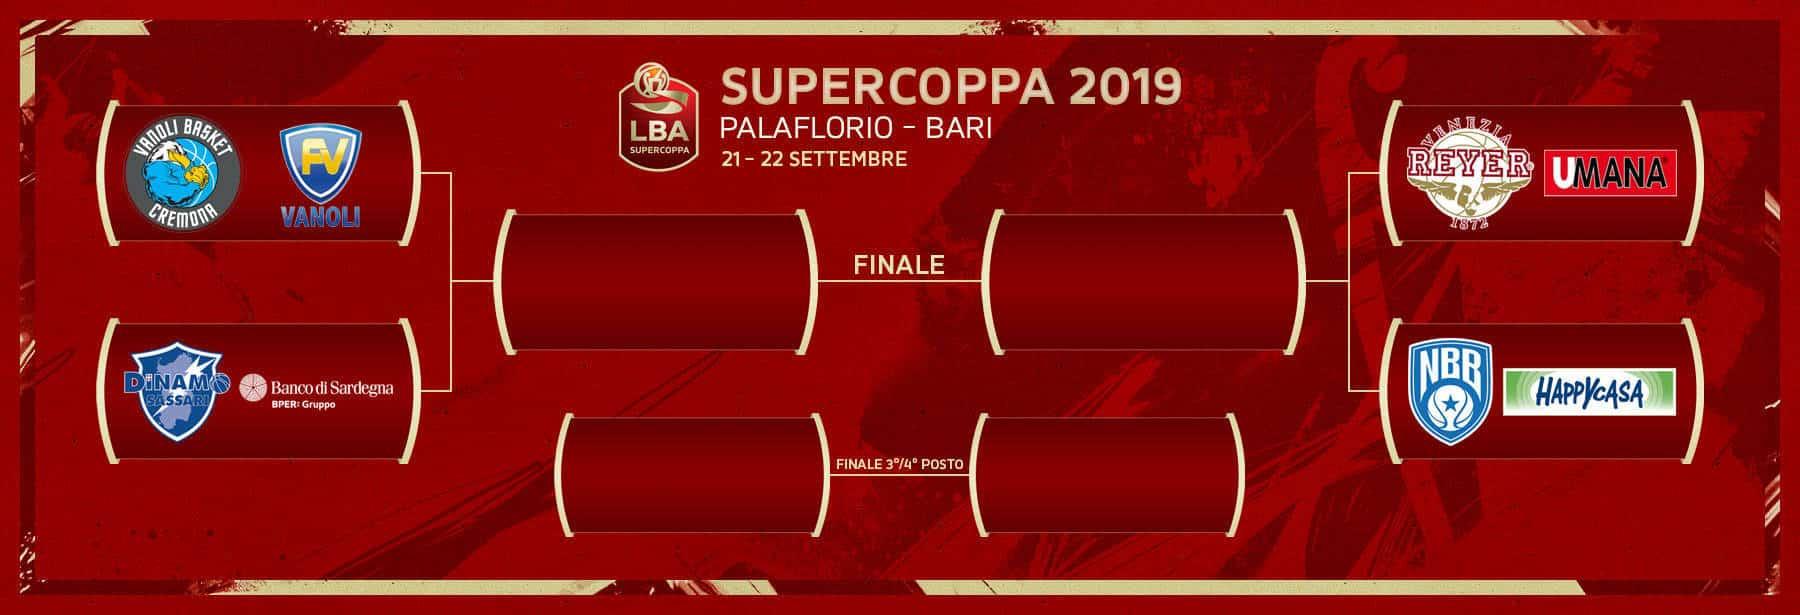 Supercoppa Italiana 2019: